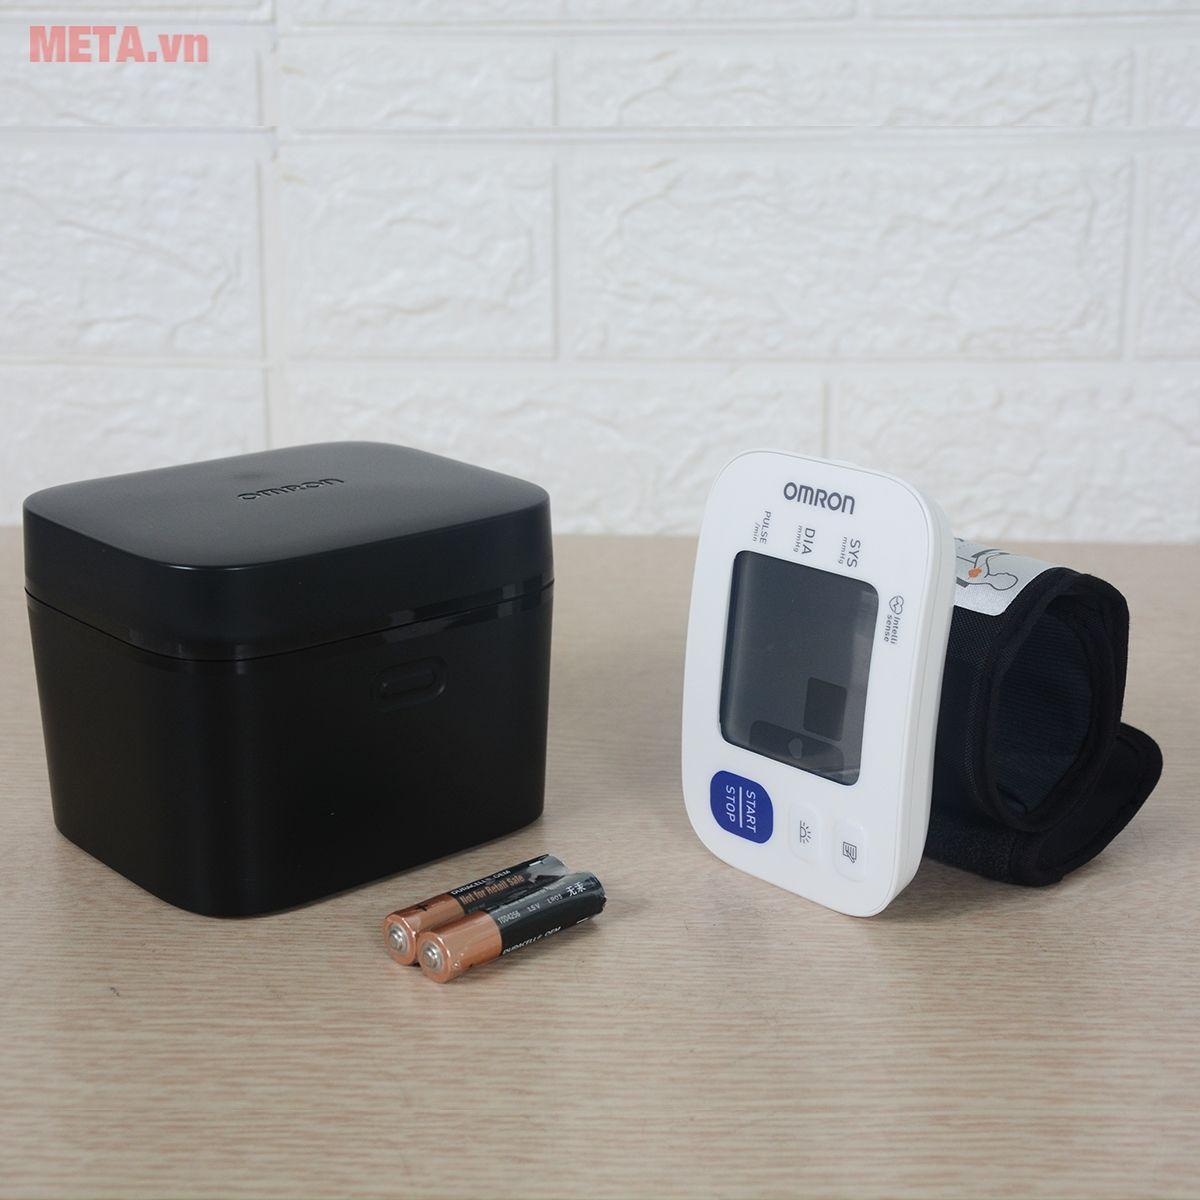 Bộ sản phẩm máy đo huyết áp